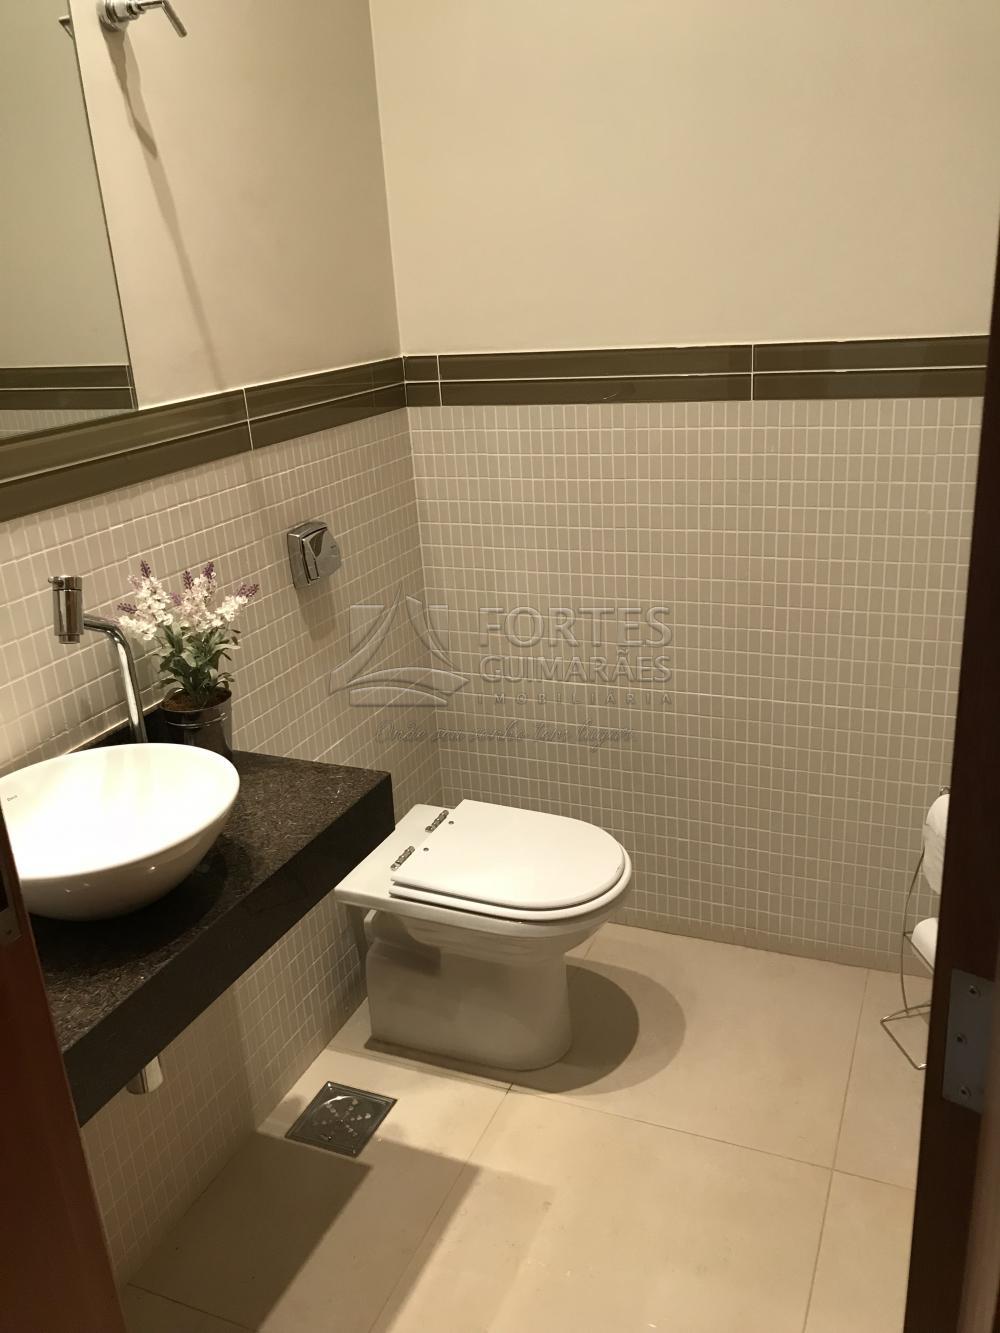 Alugar Casas / Condomínio em Ribeirão Preto apenas R$ 7.000,00 - Foto 4